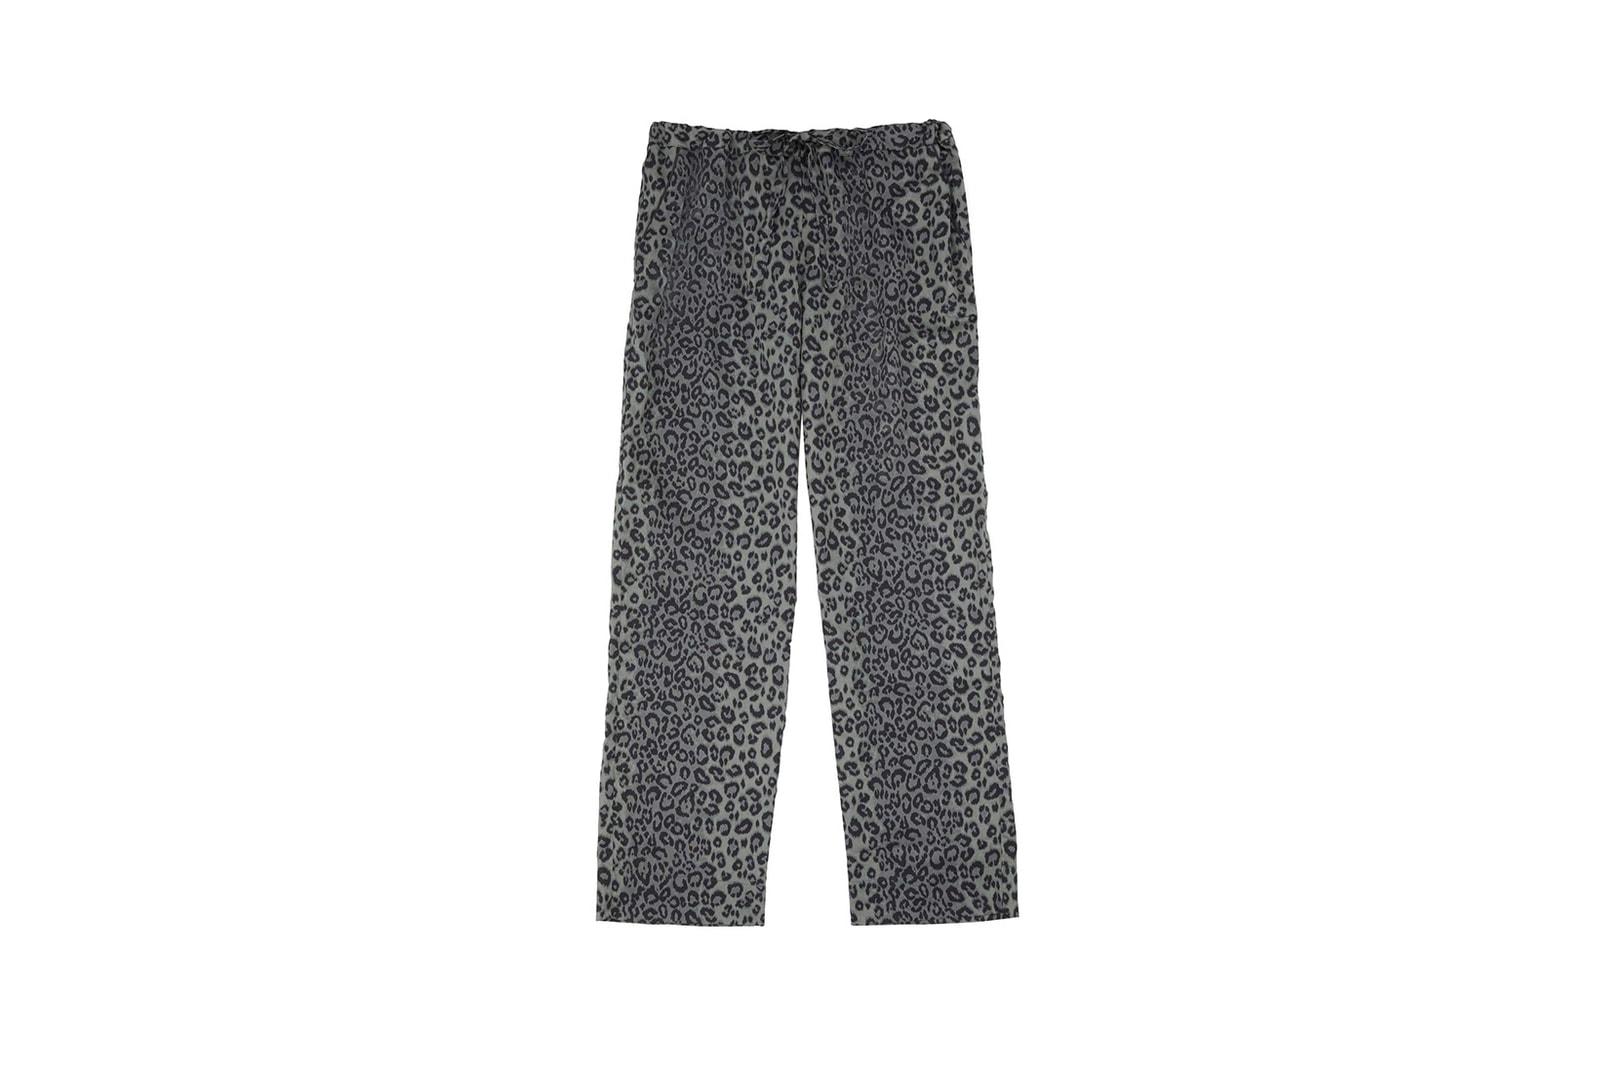 best pajama pj sets nightwear loungewear spring the knotty ones green purple sweater sweatpants